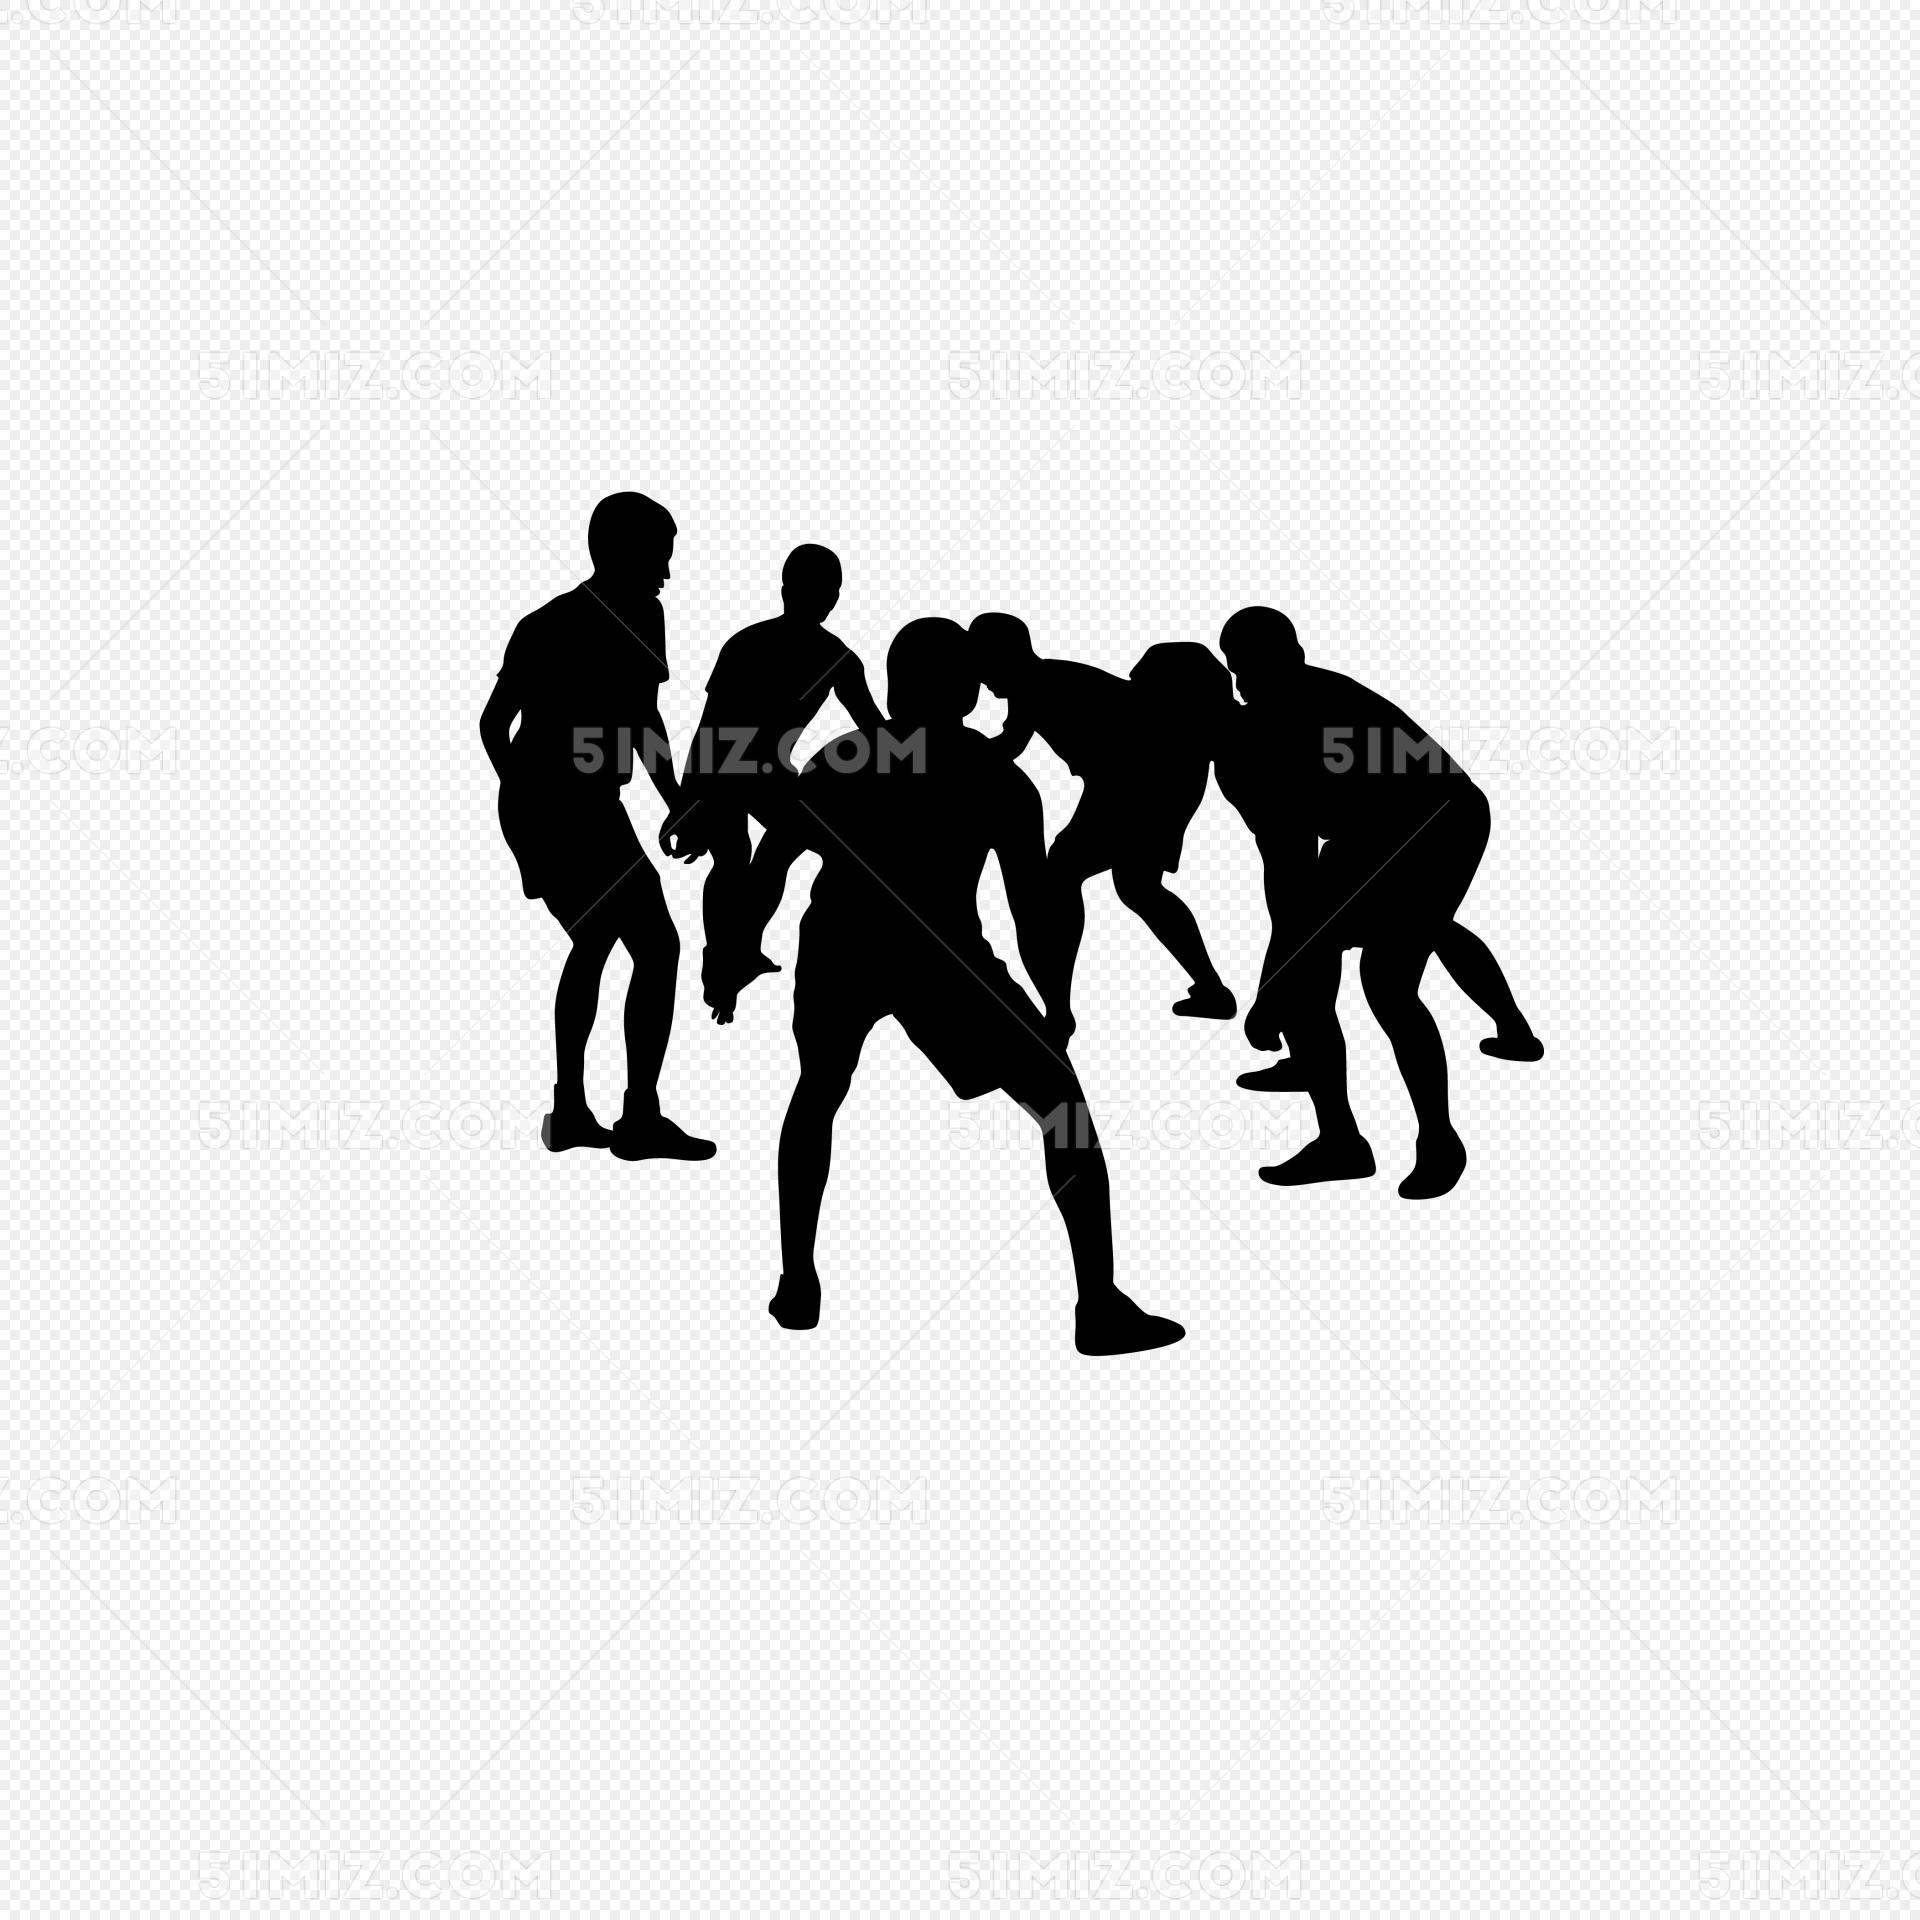 打篮球人物剪影免费下载_png素材_觅知网